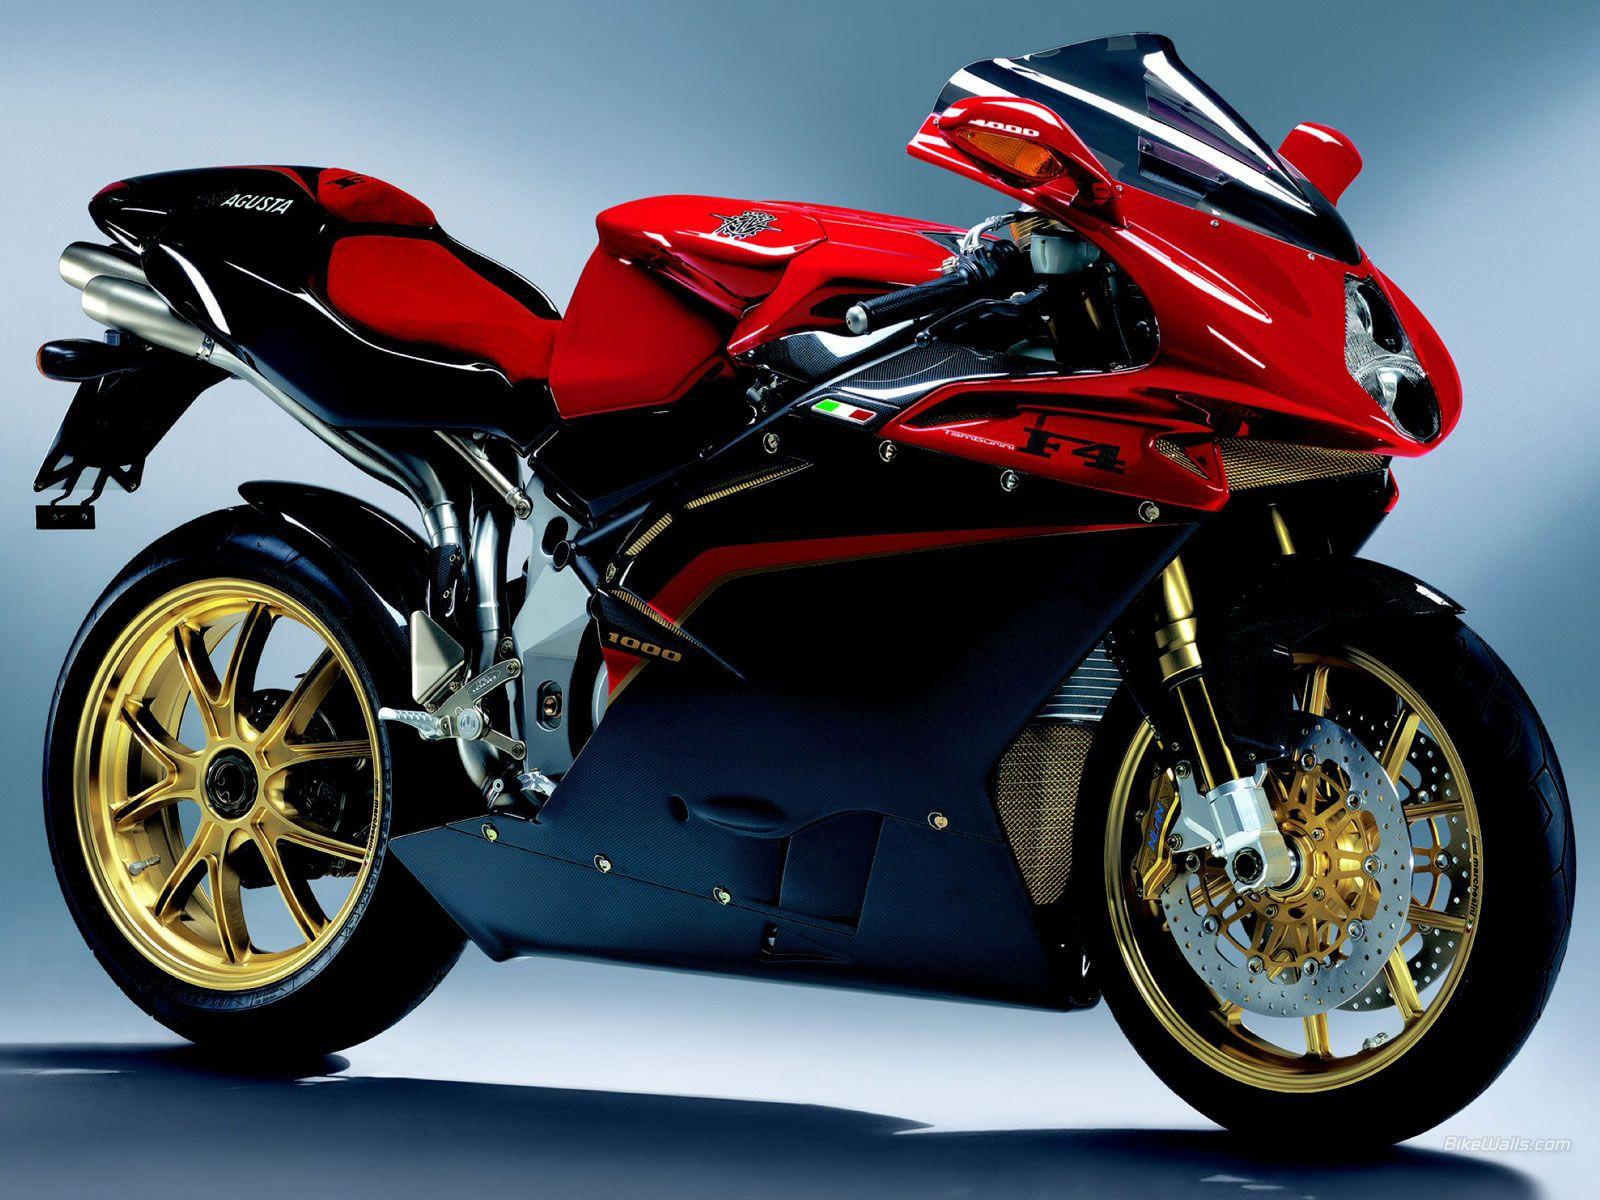 фан-страницу смотреть крутые мотоциклы фото проходят важные